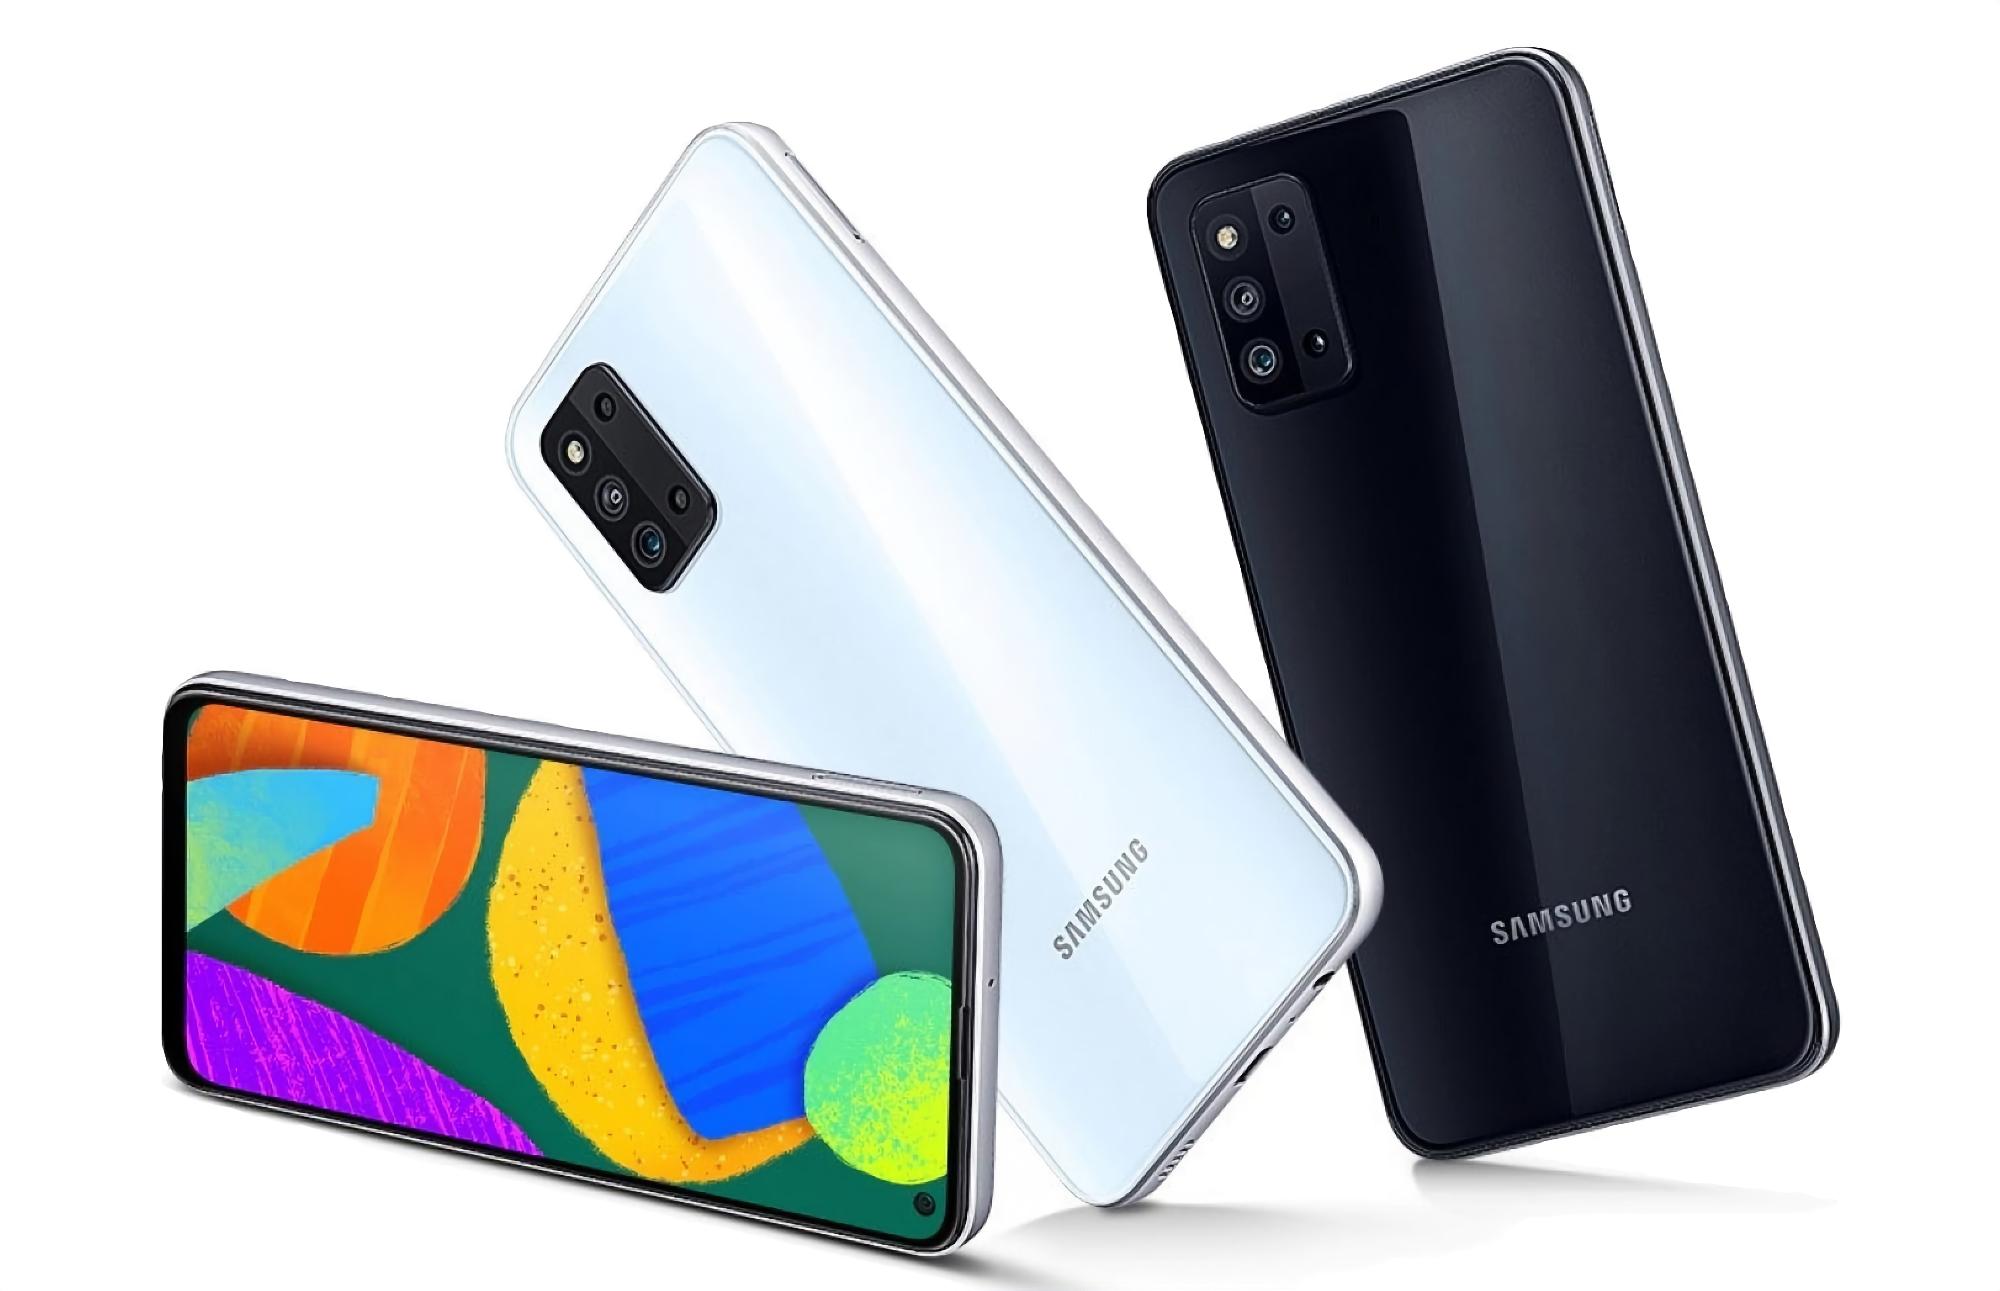 Galaxy F52 5G: новый бюджетник Samsung с чипом Snapdragon 750G и экраном на 120 Гц